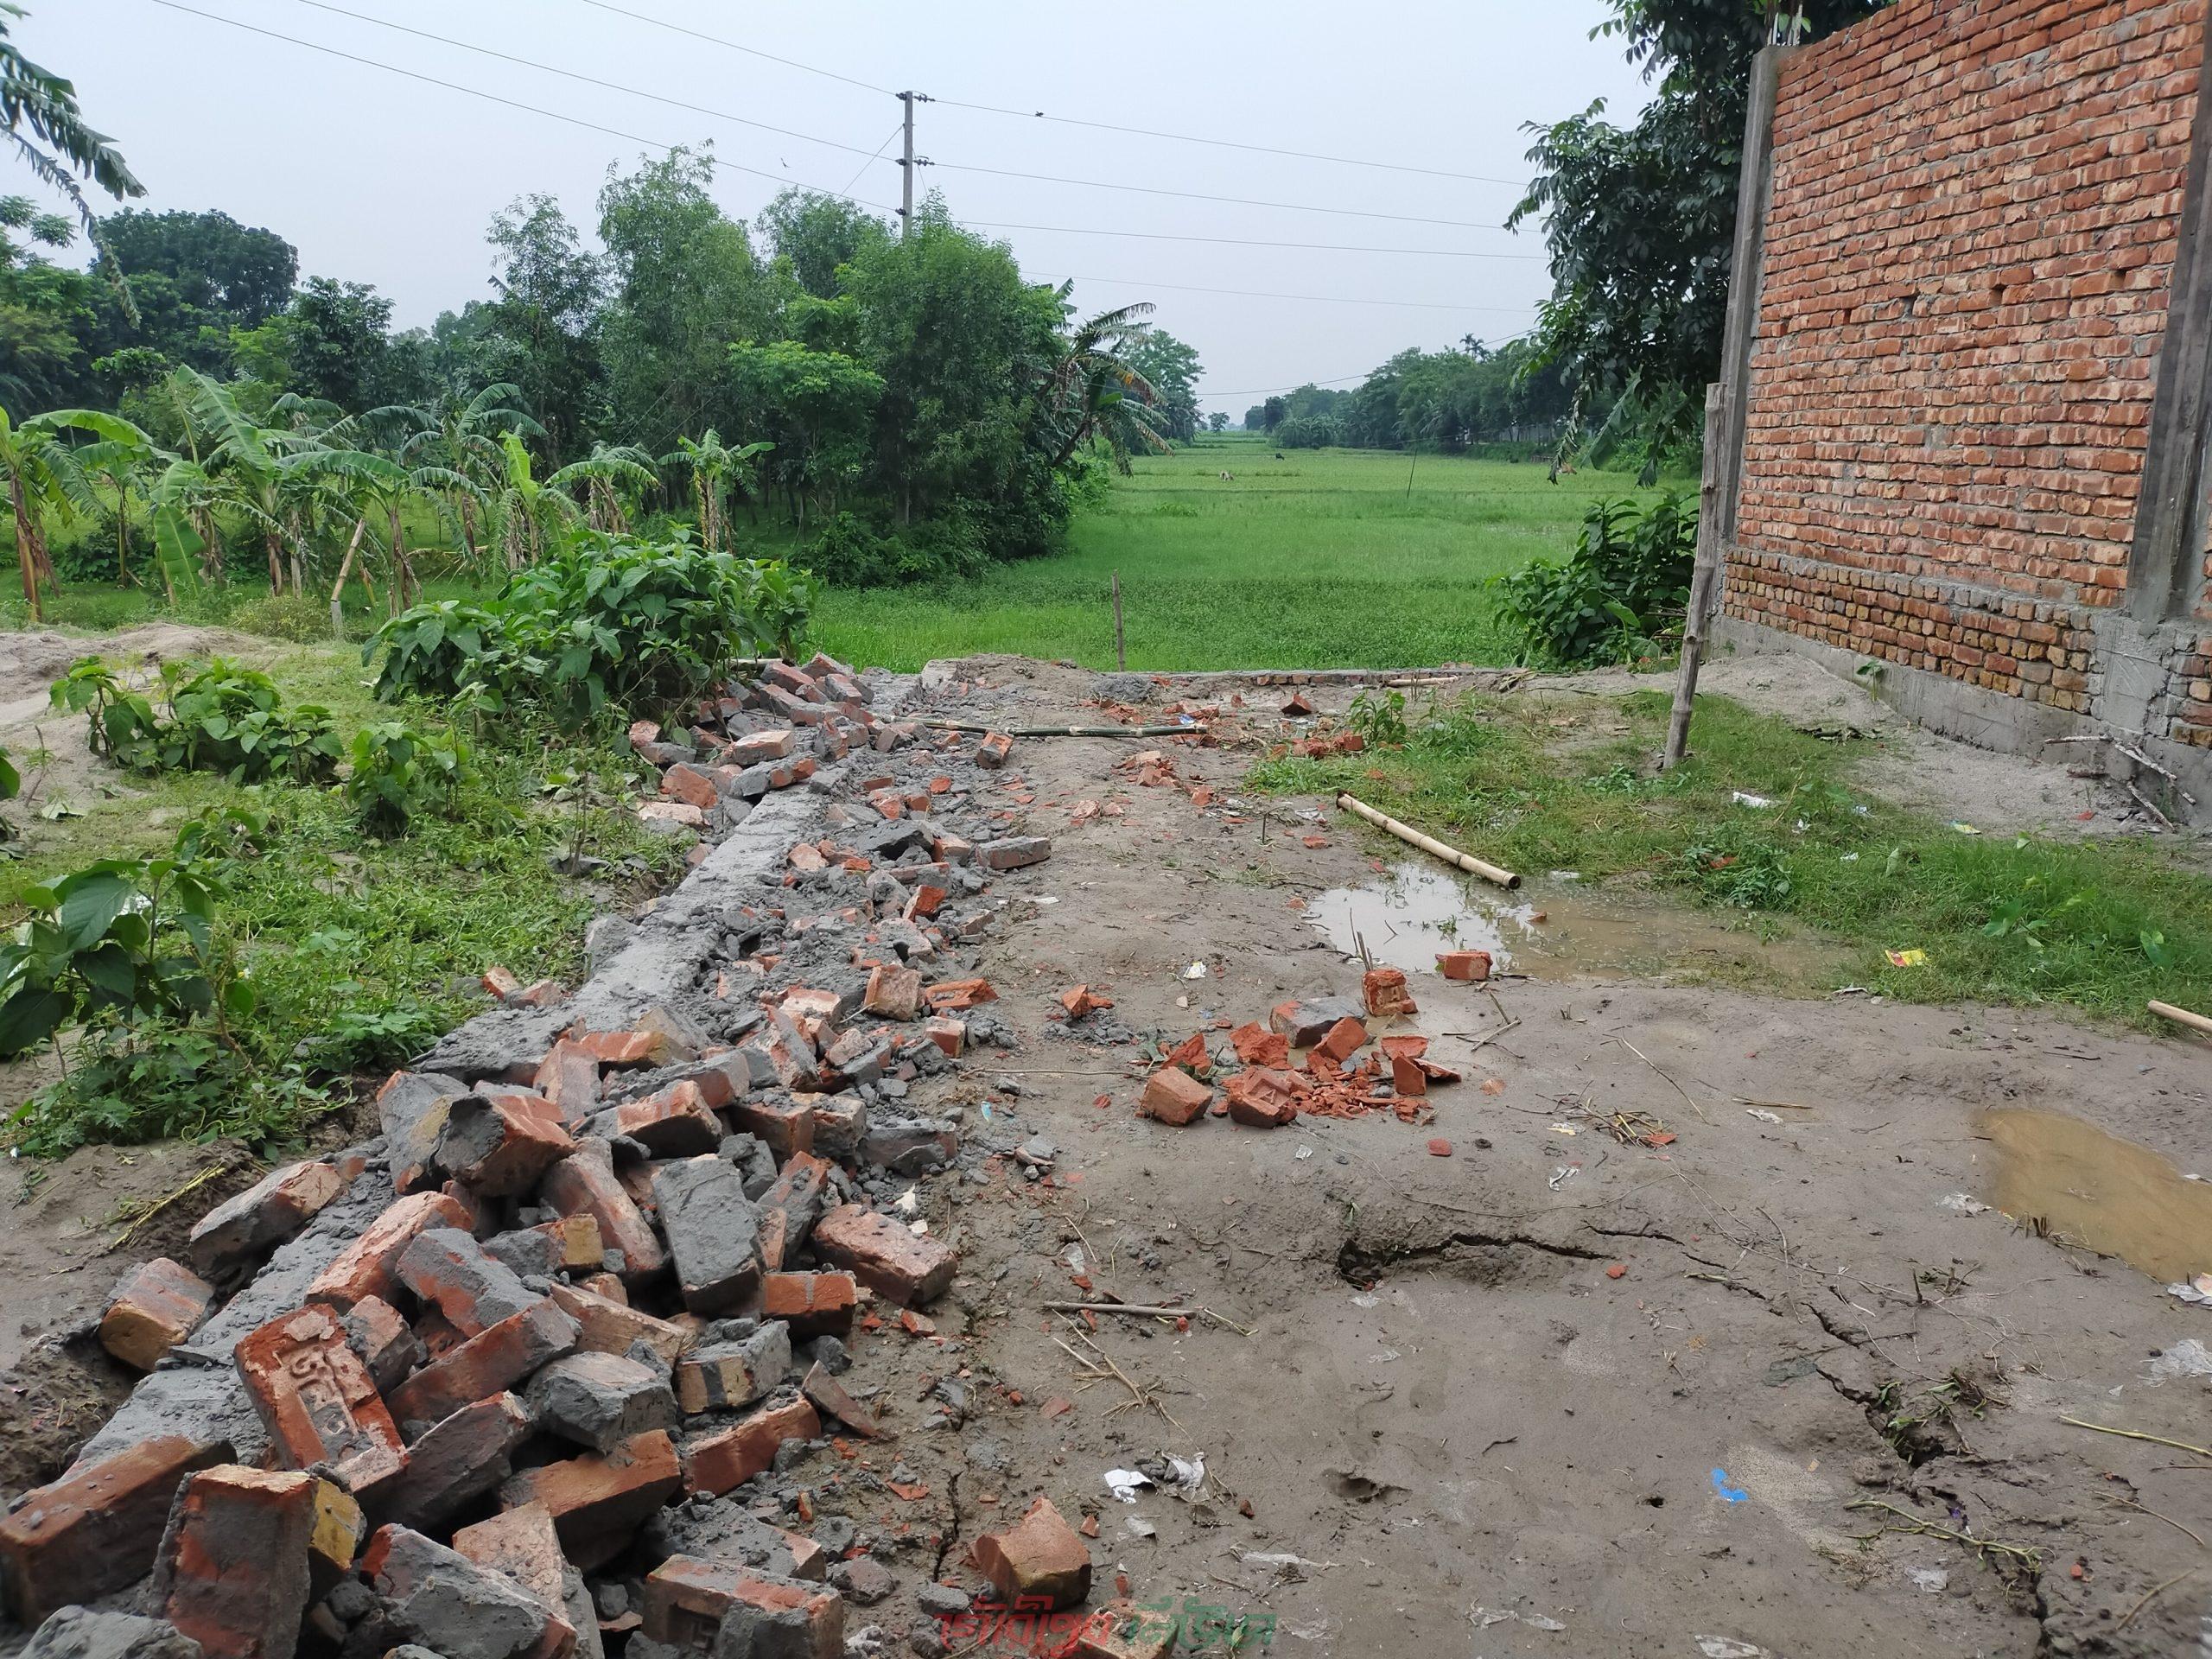 গৌরীপুরে নির্মানাধীন ব্যবসা প্রতিষ্ঠান ভাংচুর